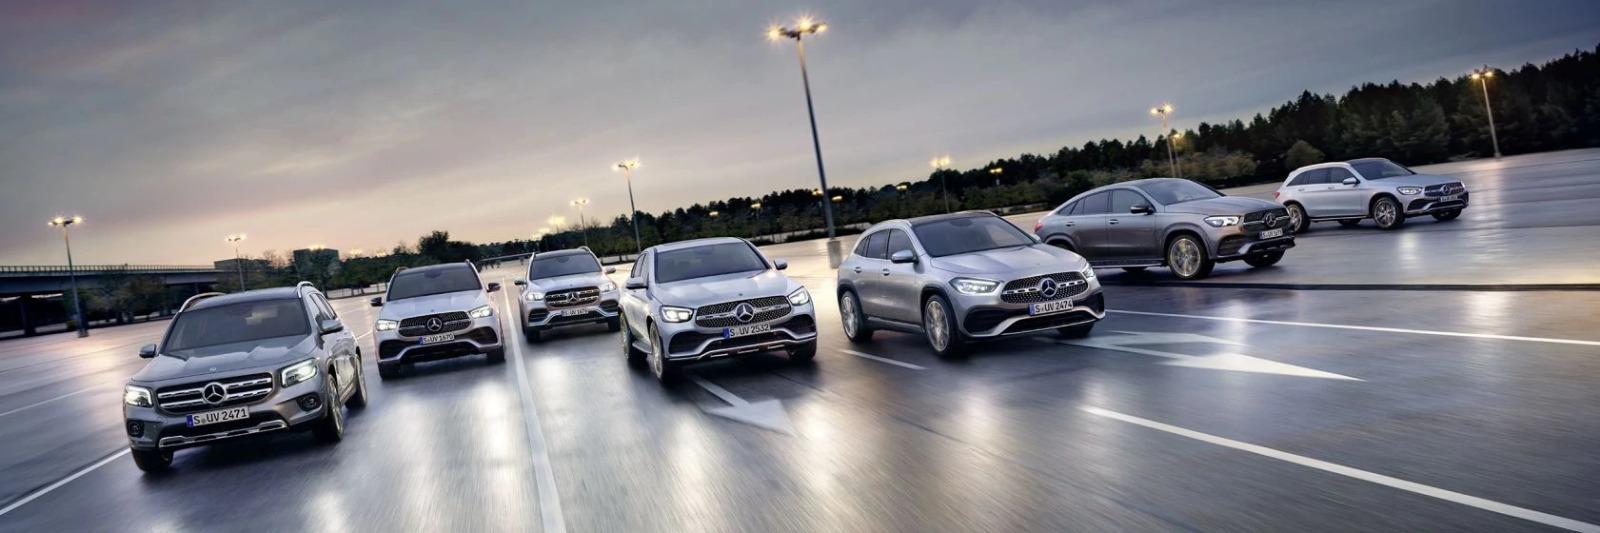 Nuova gamma SUV Mercedes-Benz. La forza dello stile.